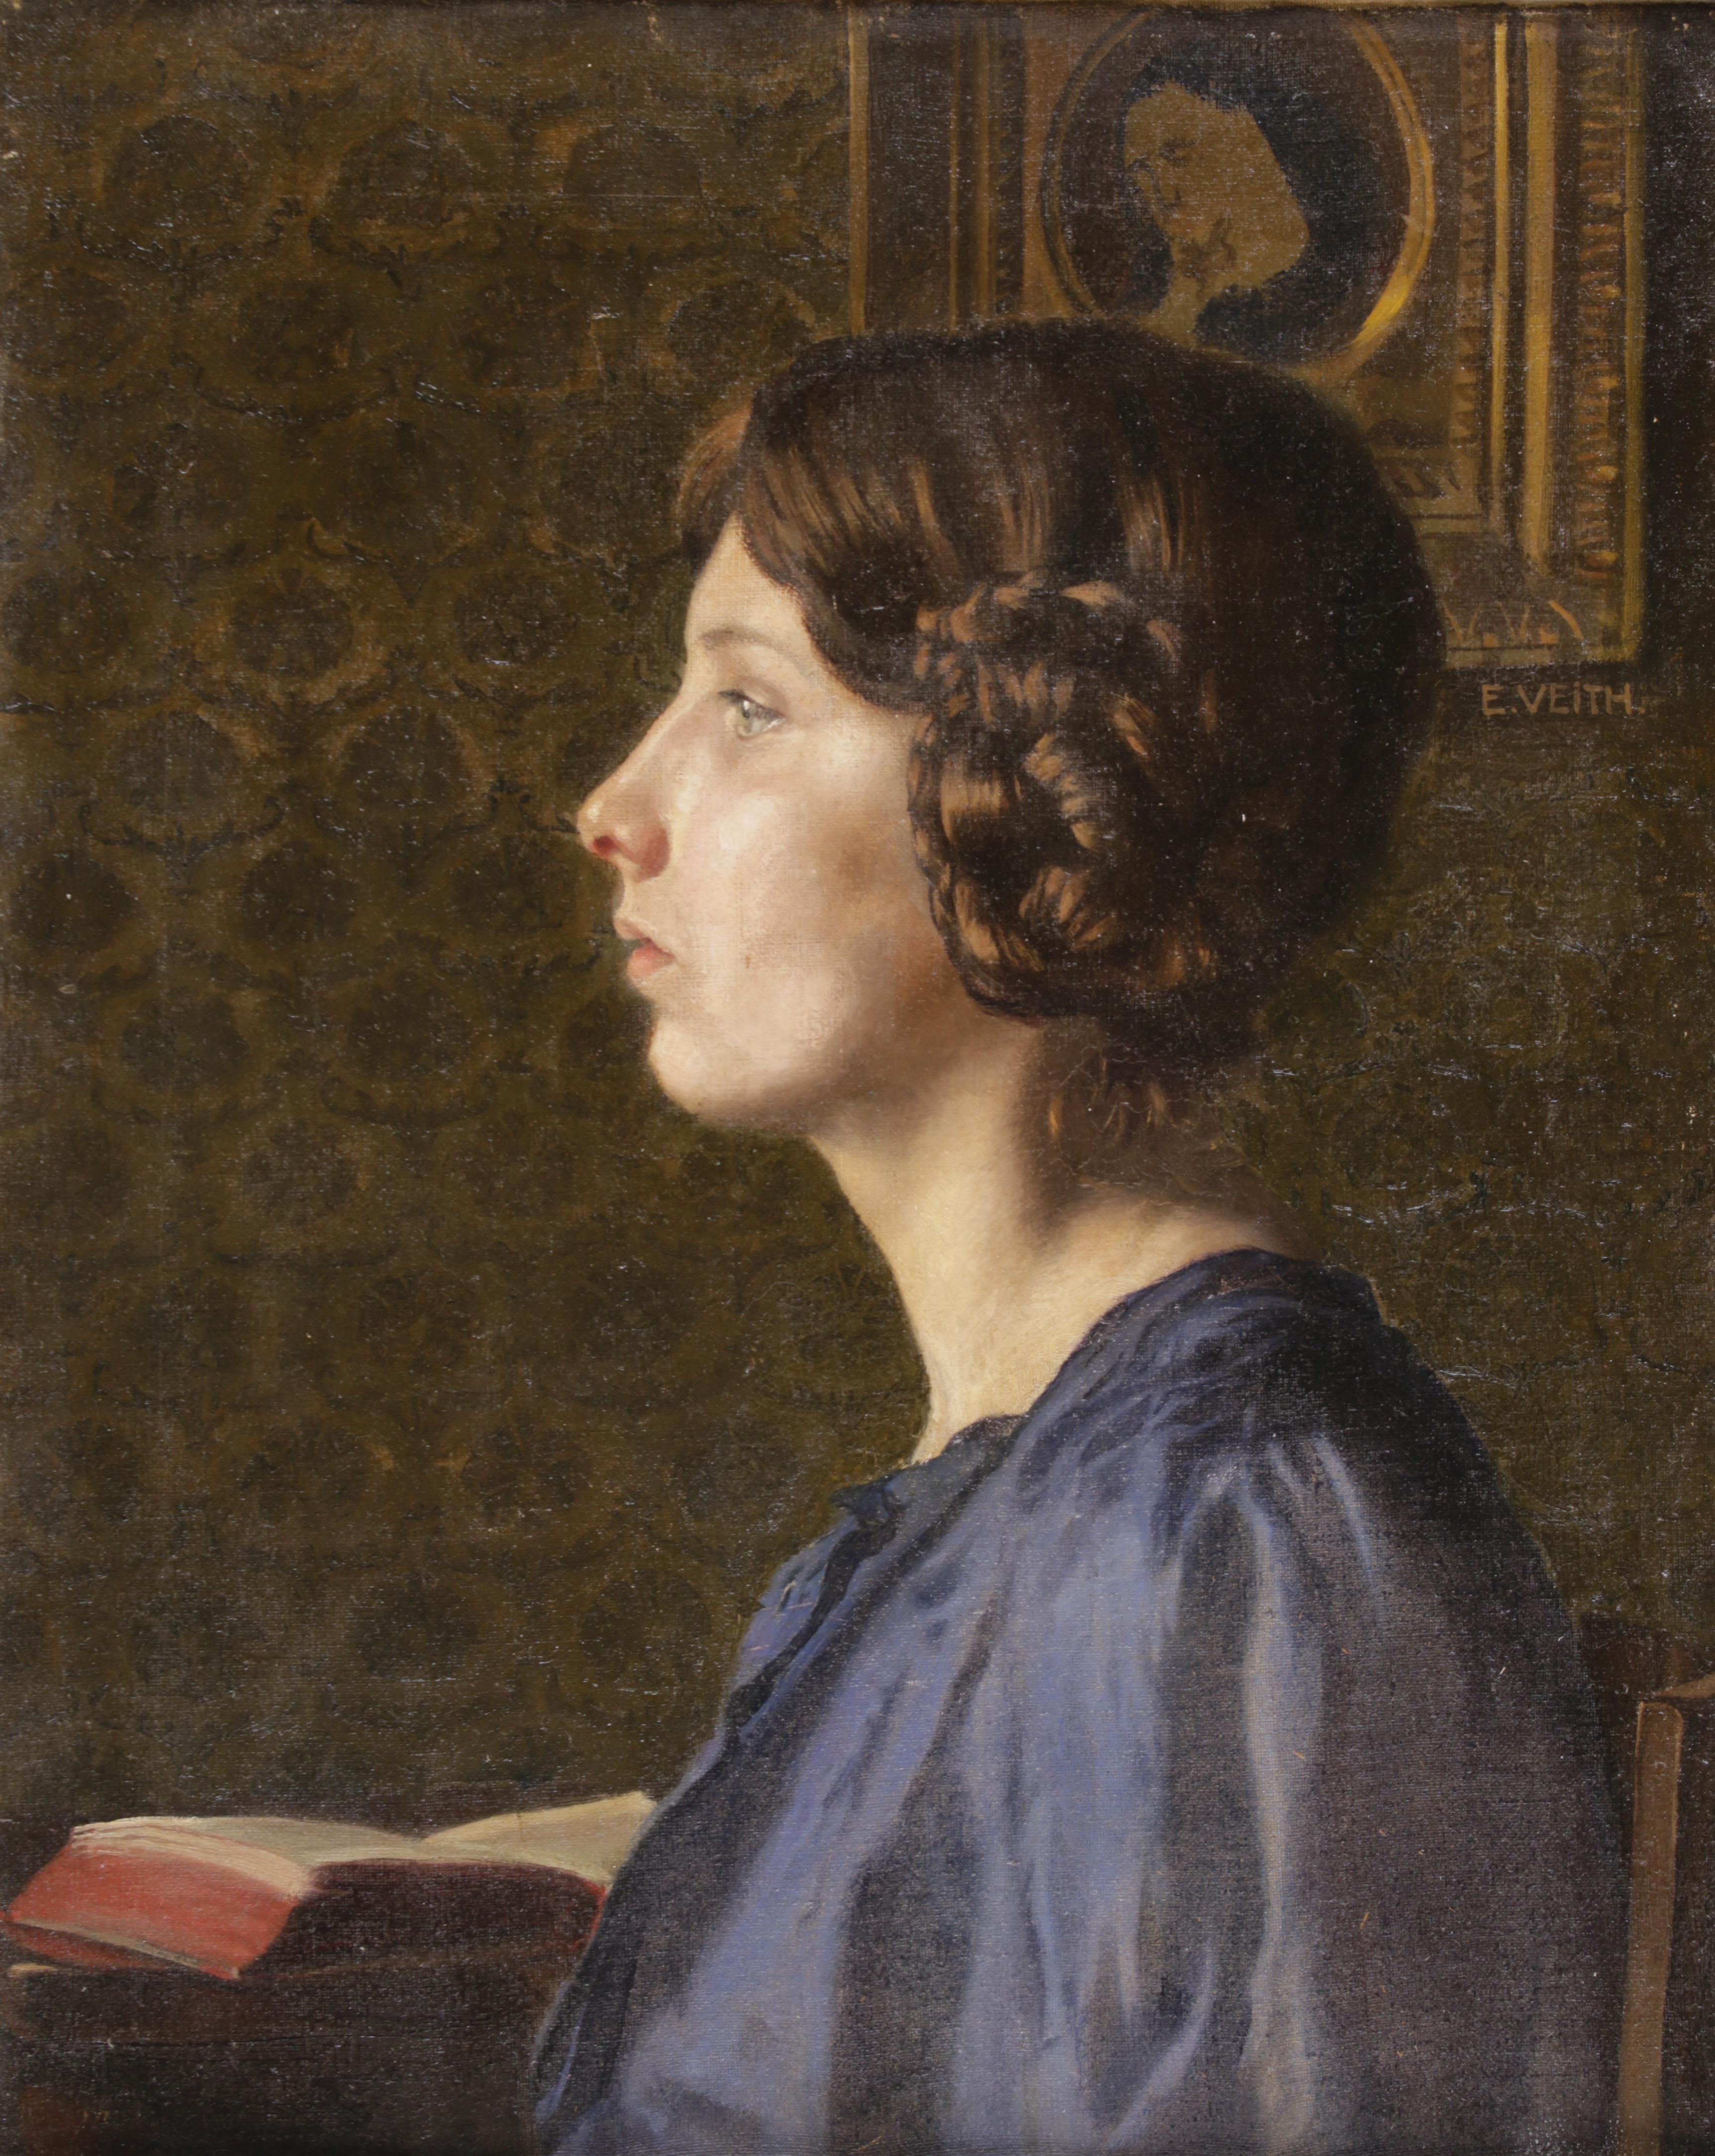 """Kazimierz Pochwalski (1855-1940) """"Portret młodej kobiety"""", źródło: Dorotheum"""